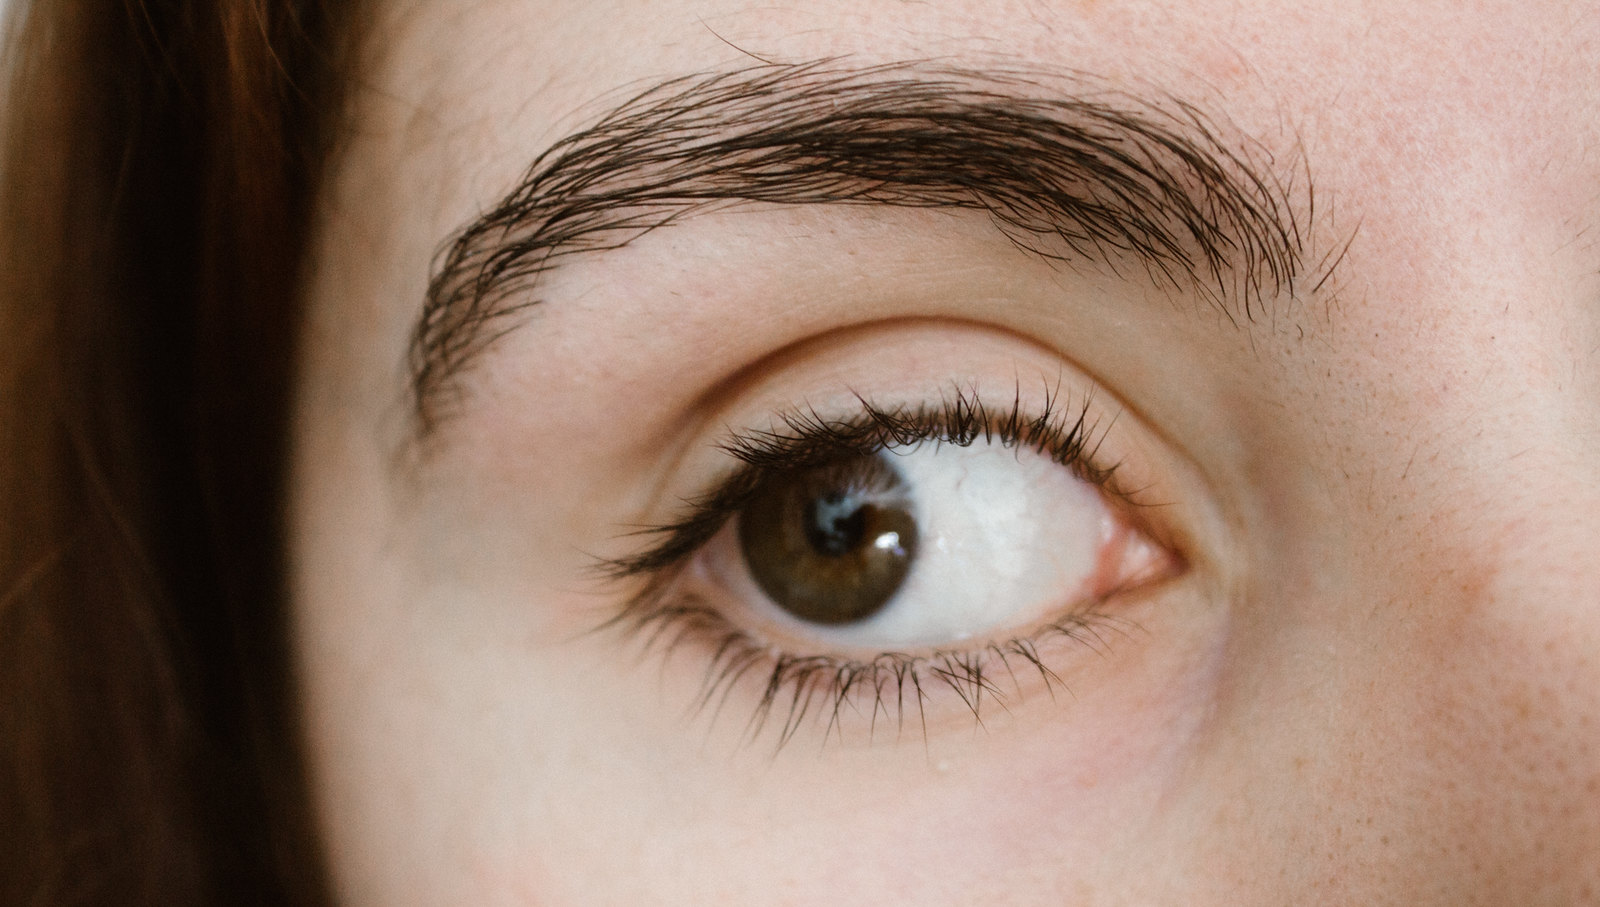 nouveau-lashes-lvl-enhance